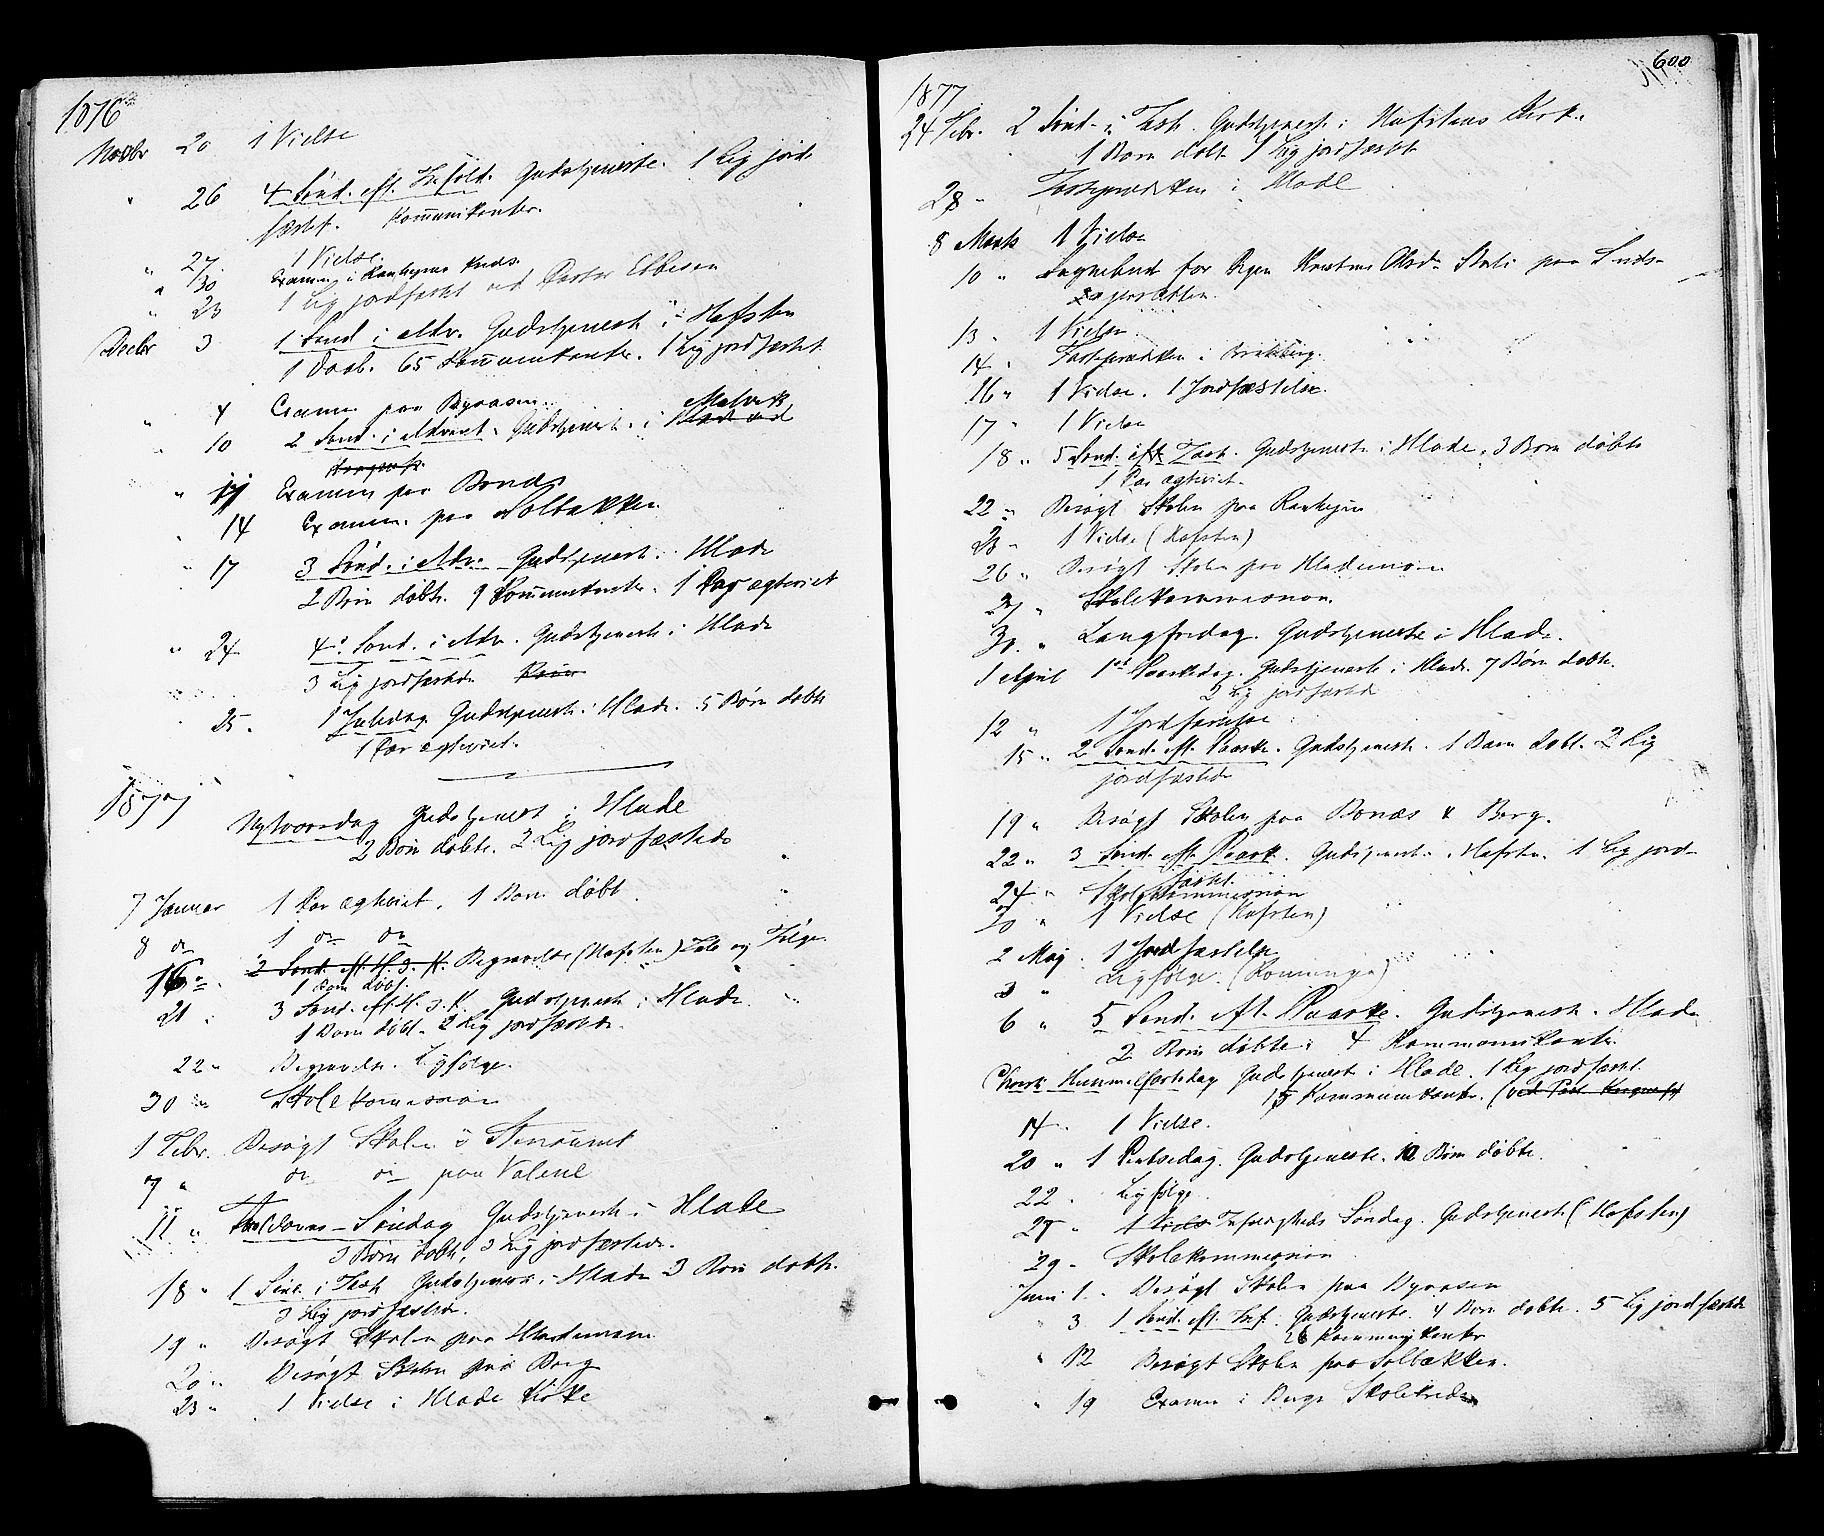 SAT, Ministerialprotokoller, klokkerbøker og fødselsregistre - Sør-Trøndelag, 606/L0293: Ministerialbok nr. 606A08, 1866-1877, s. 600